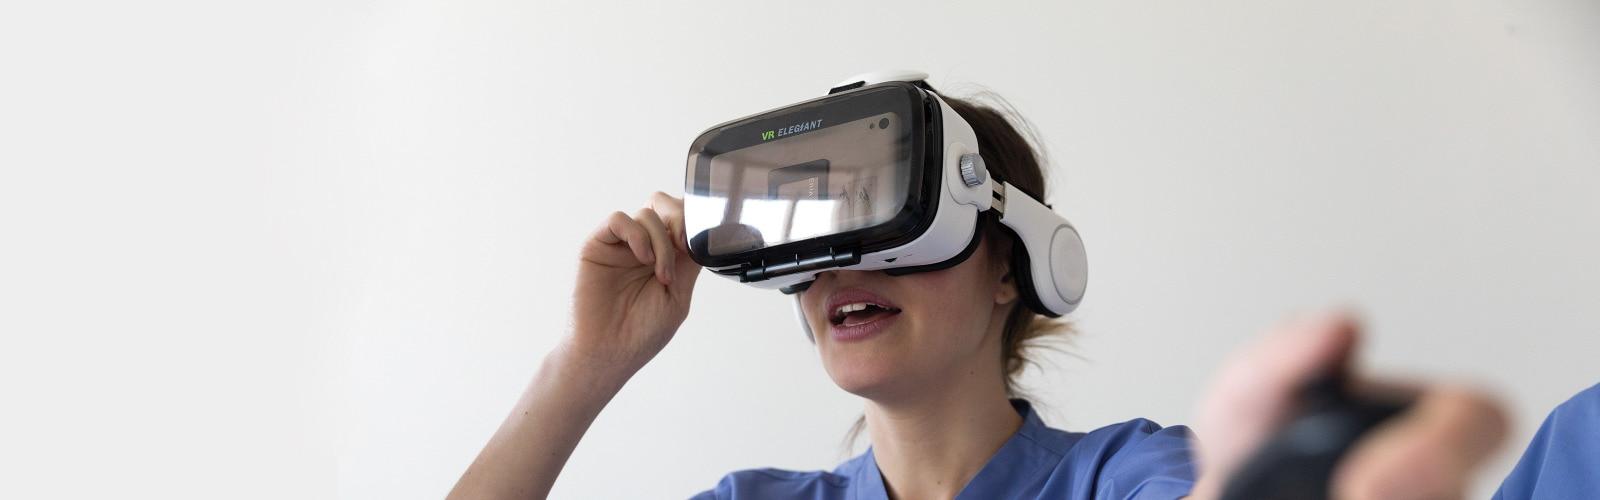 virtual reality training tools